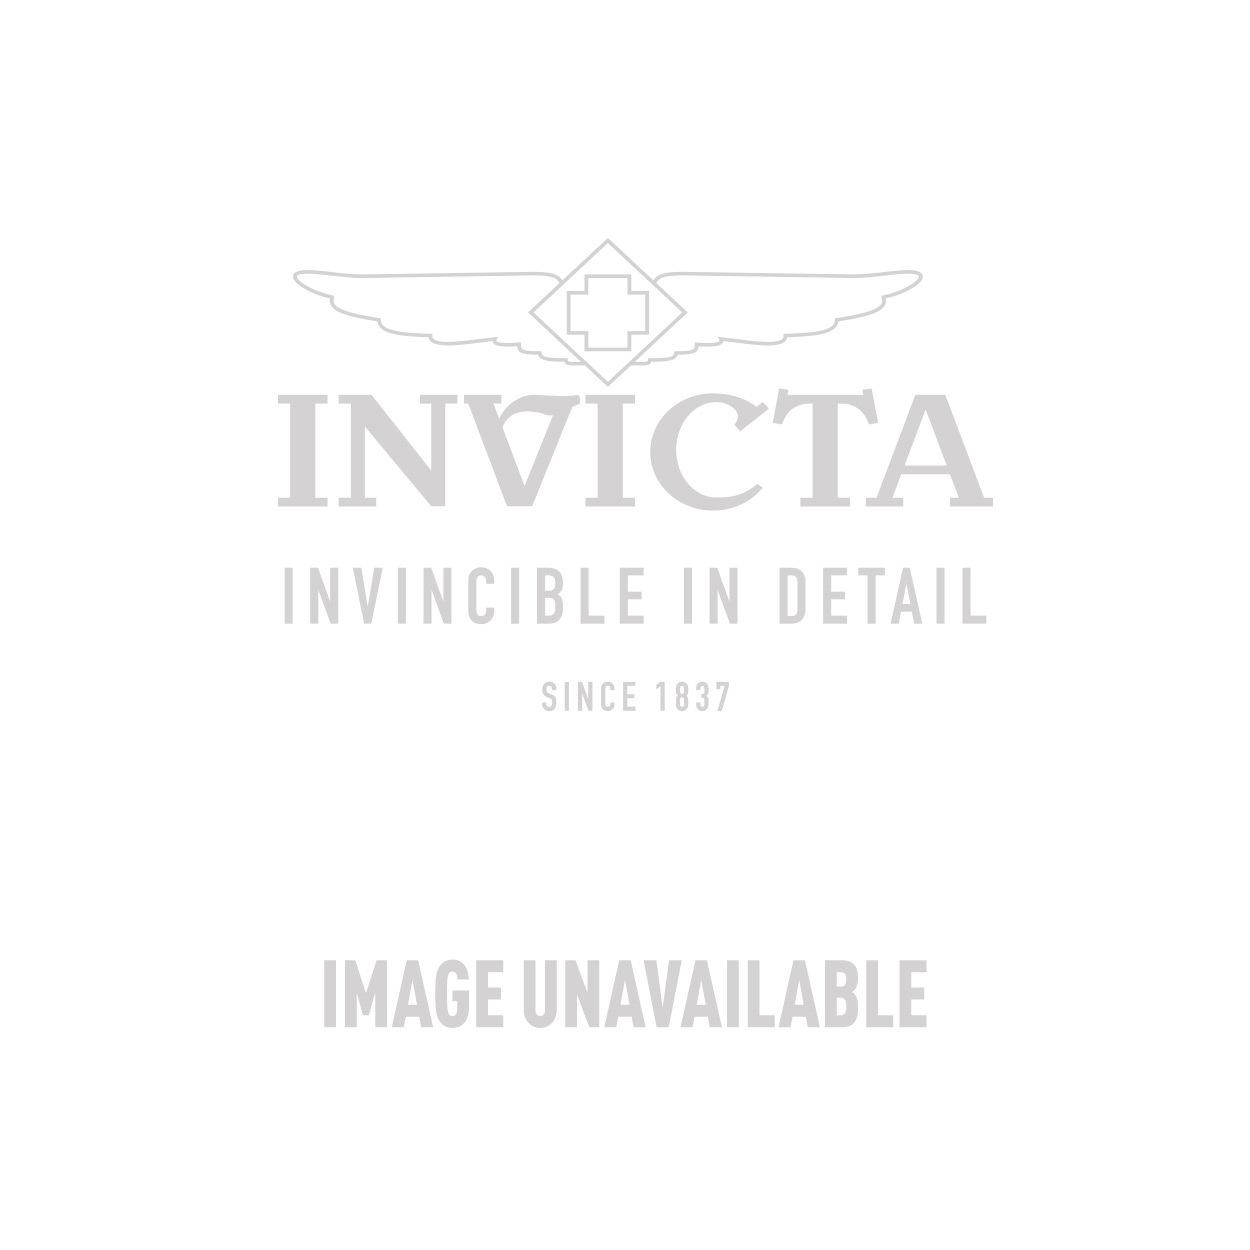 Invicta Model 28796